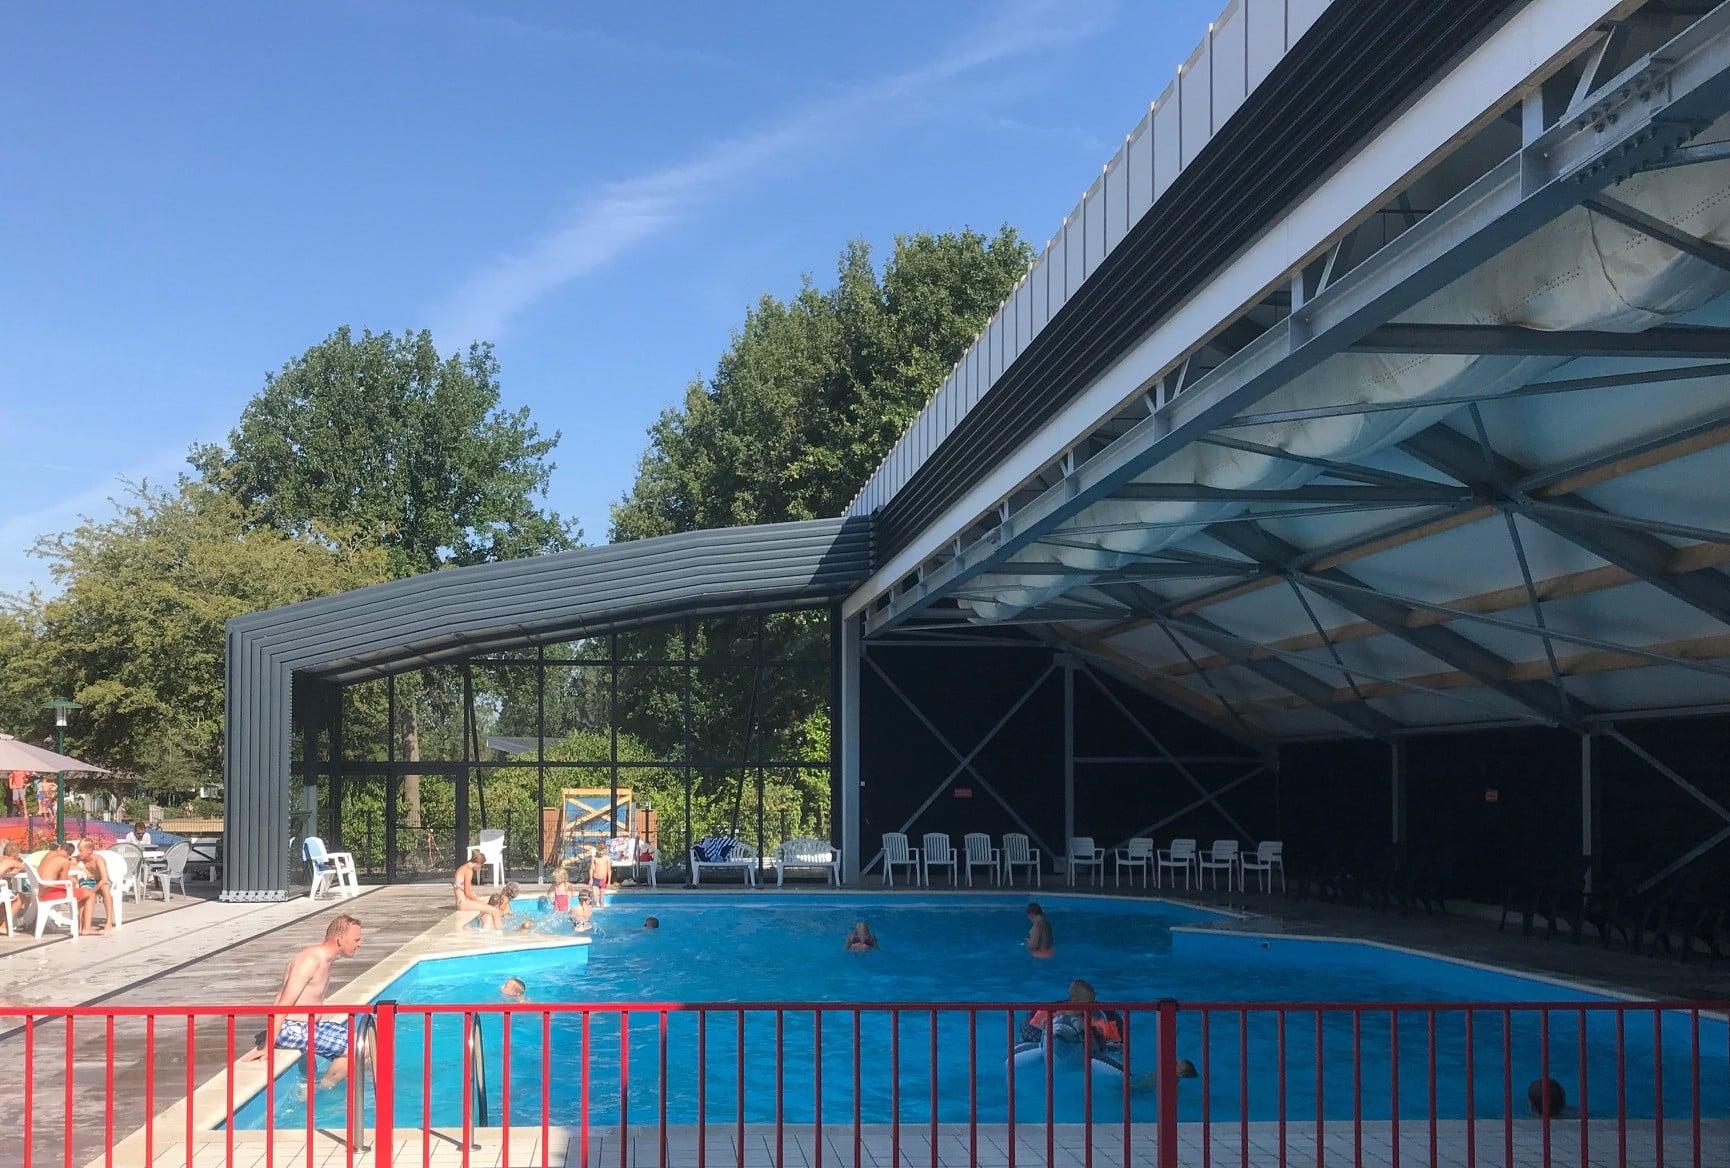 Public pool enclosures - Rheezerveen, Netherlands